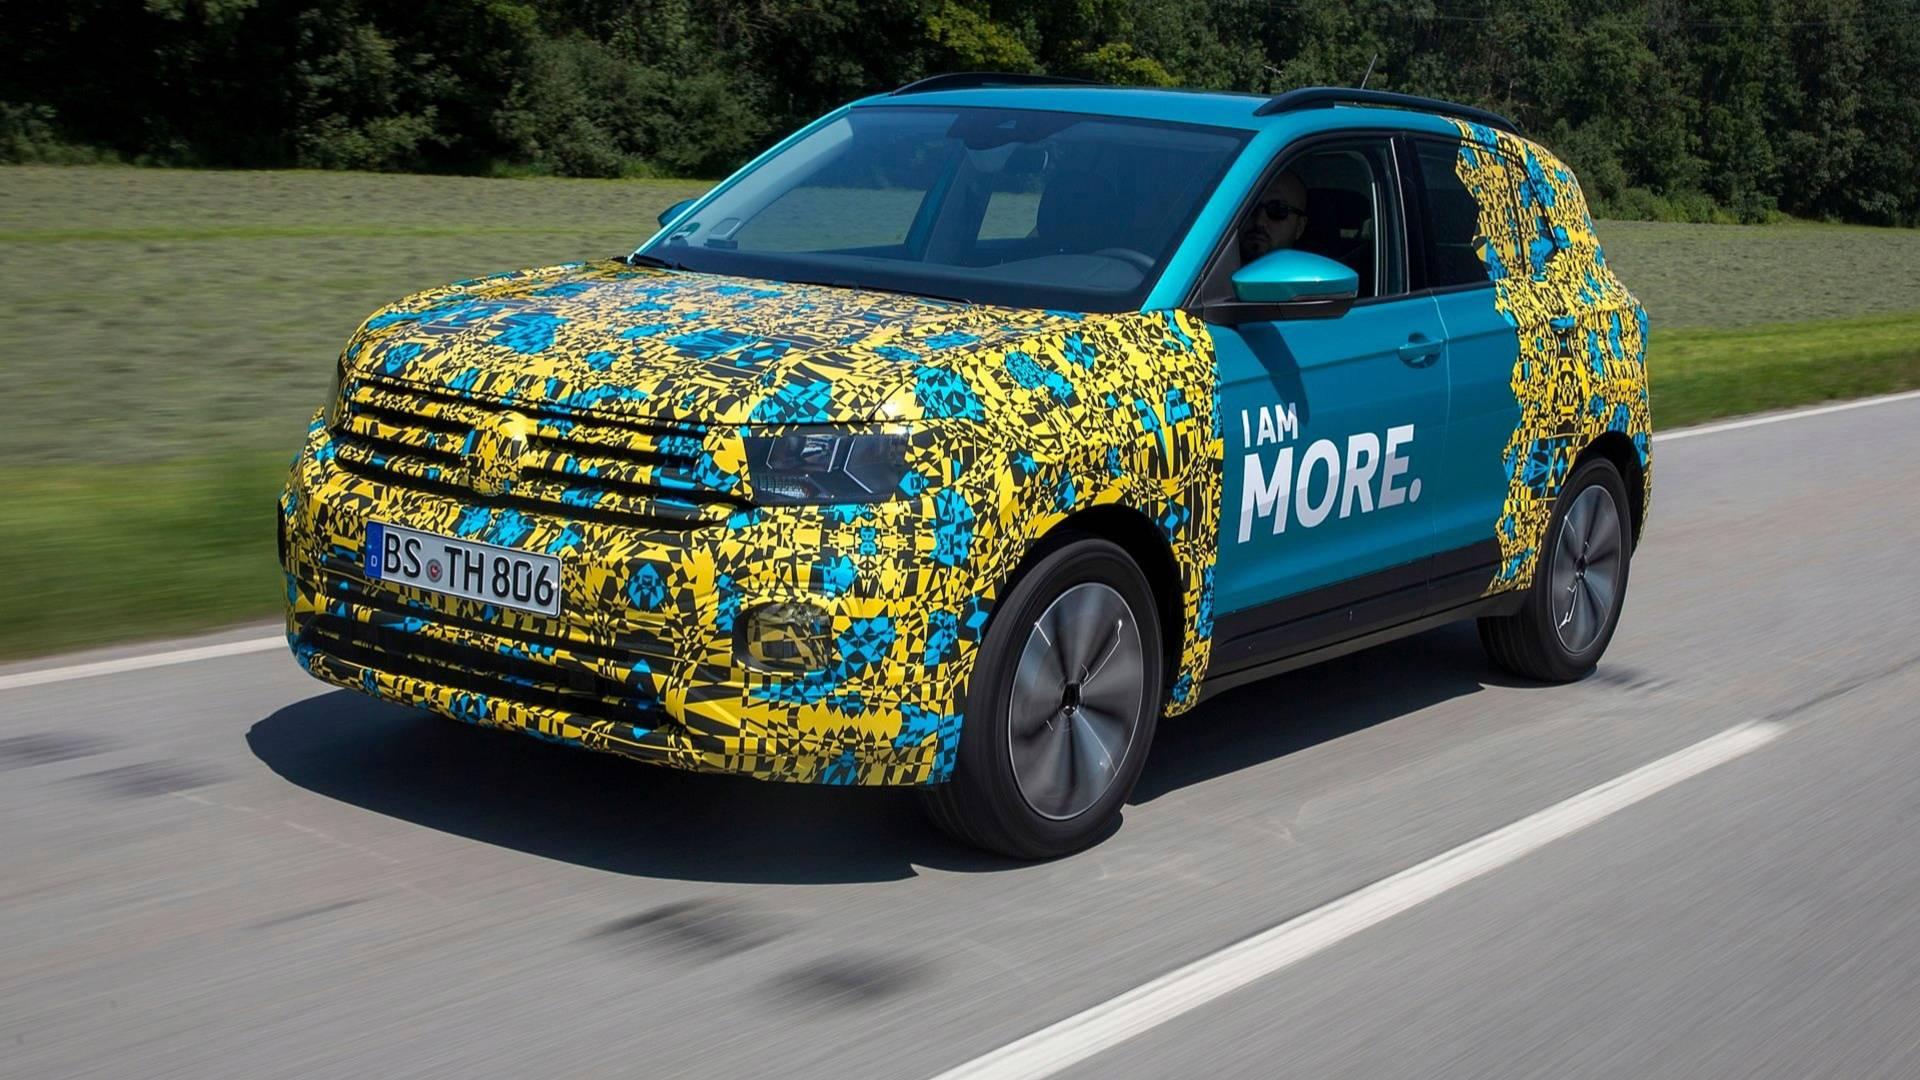 Volkswagen desvenda novas imagens e informação do T-Cross